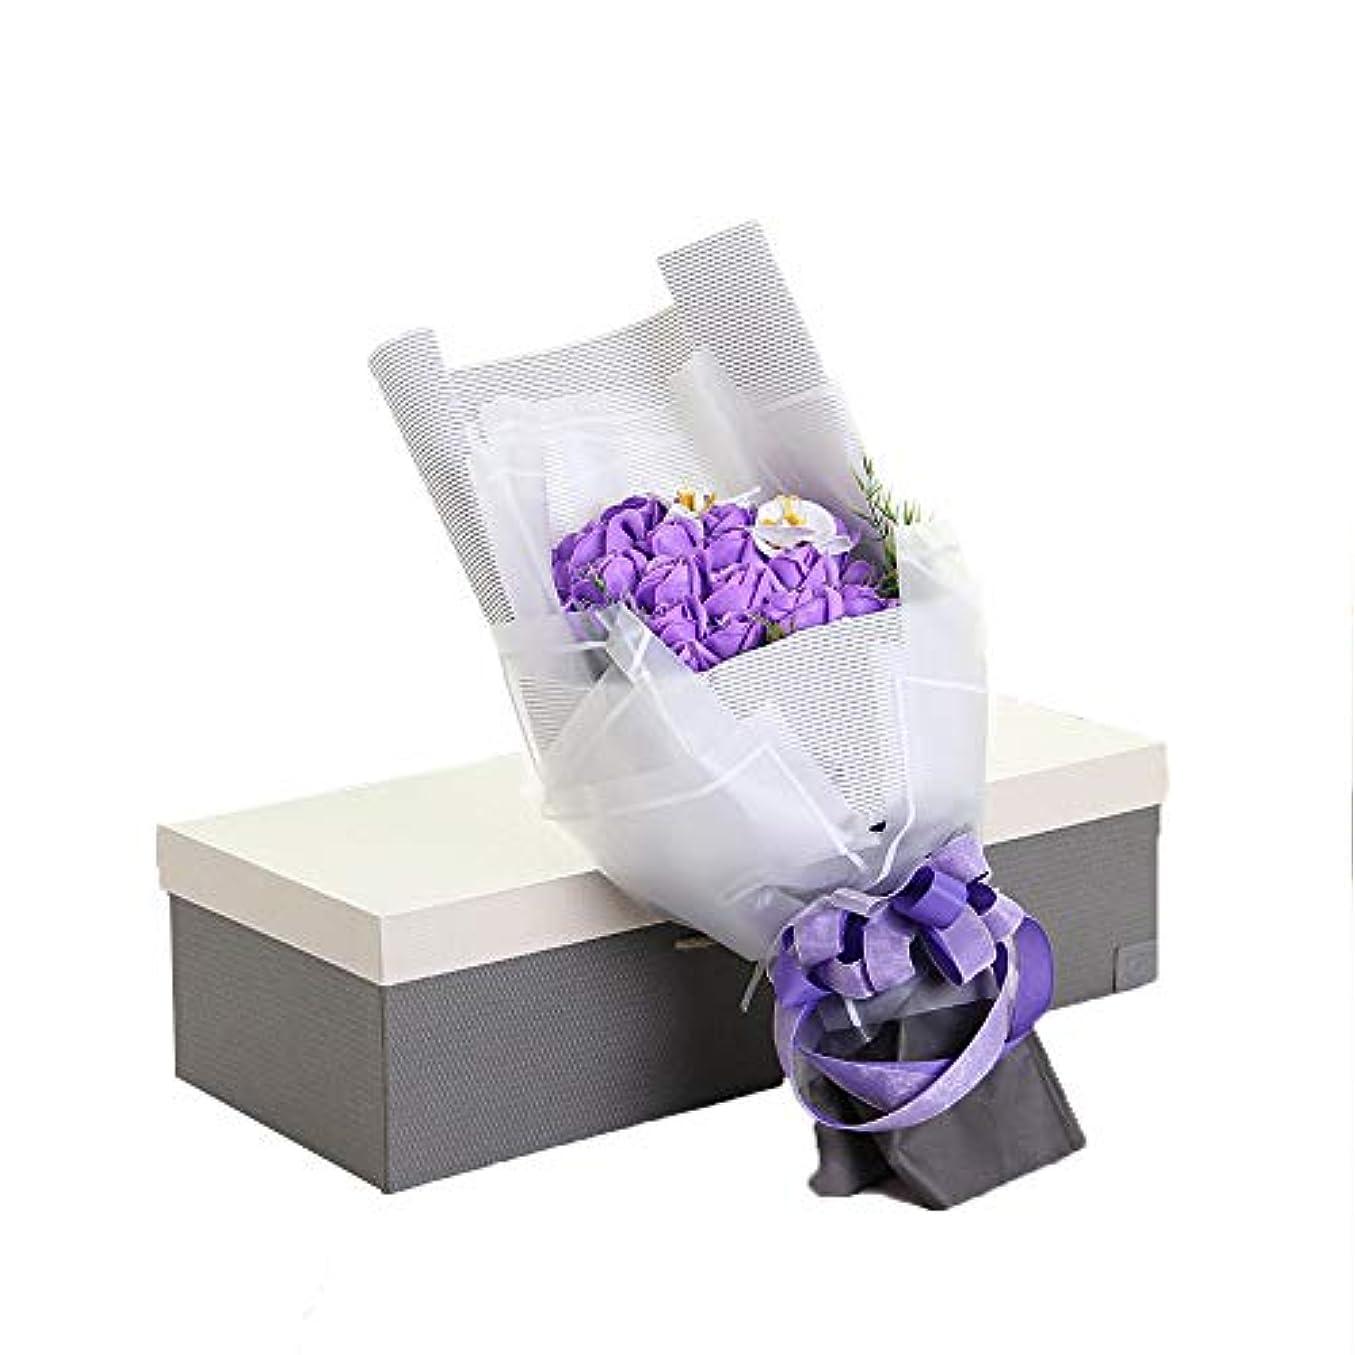 踏み台ボトルネックヒント手作り29石鹸花の花束ギフトボックス、女性のためのギフトバレンタインデー、母の日、結婚式、クリスマス、誕生日(ベアカラーランダム) (色 : 紫の)